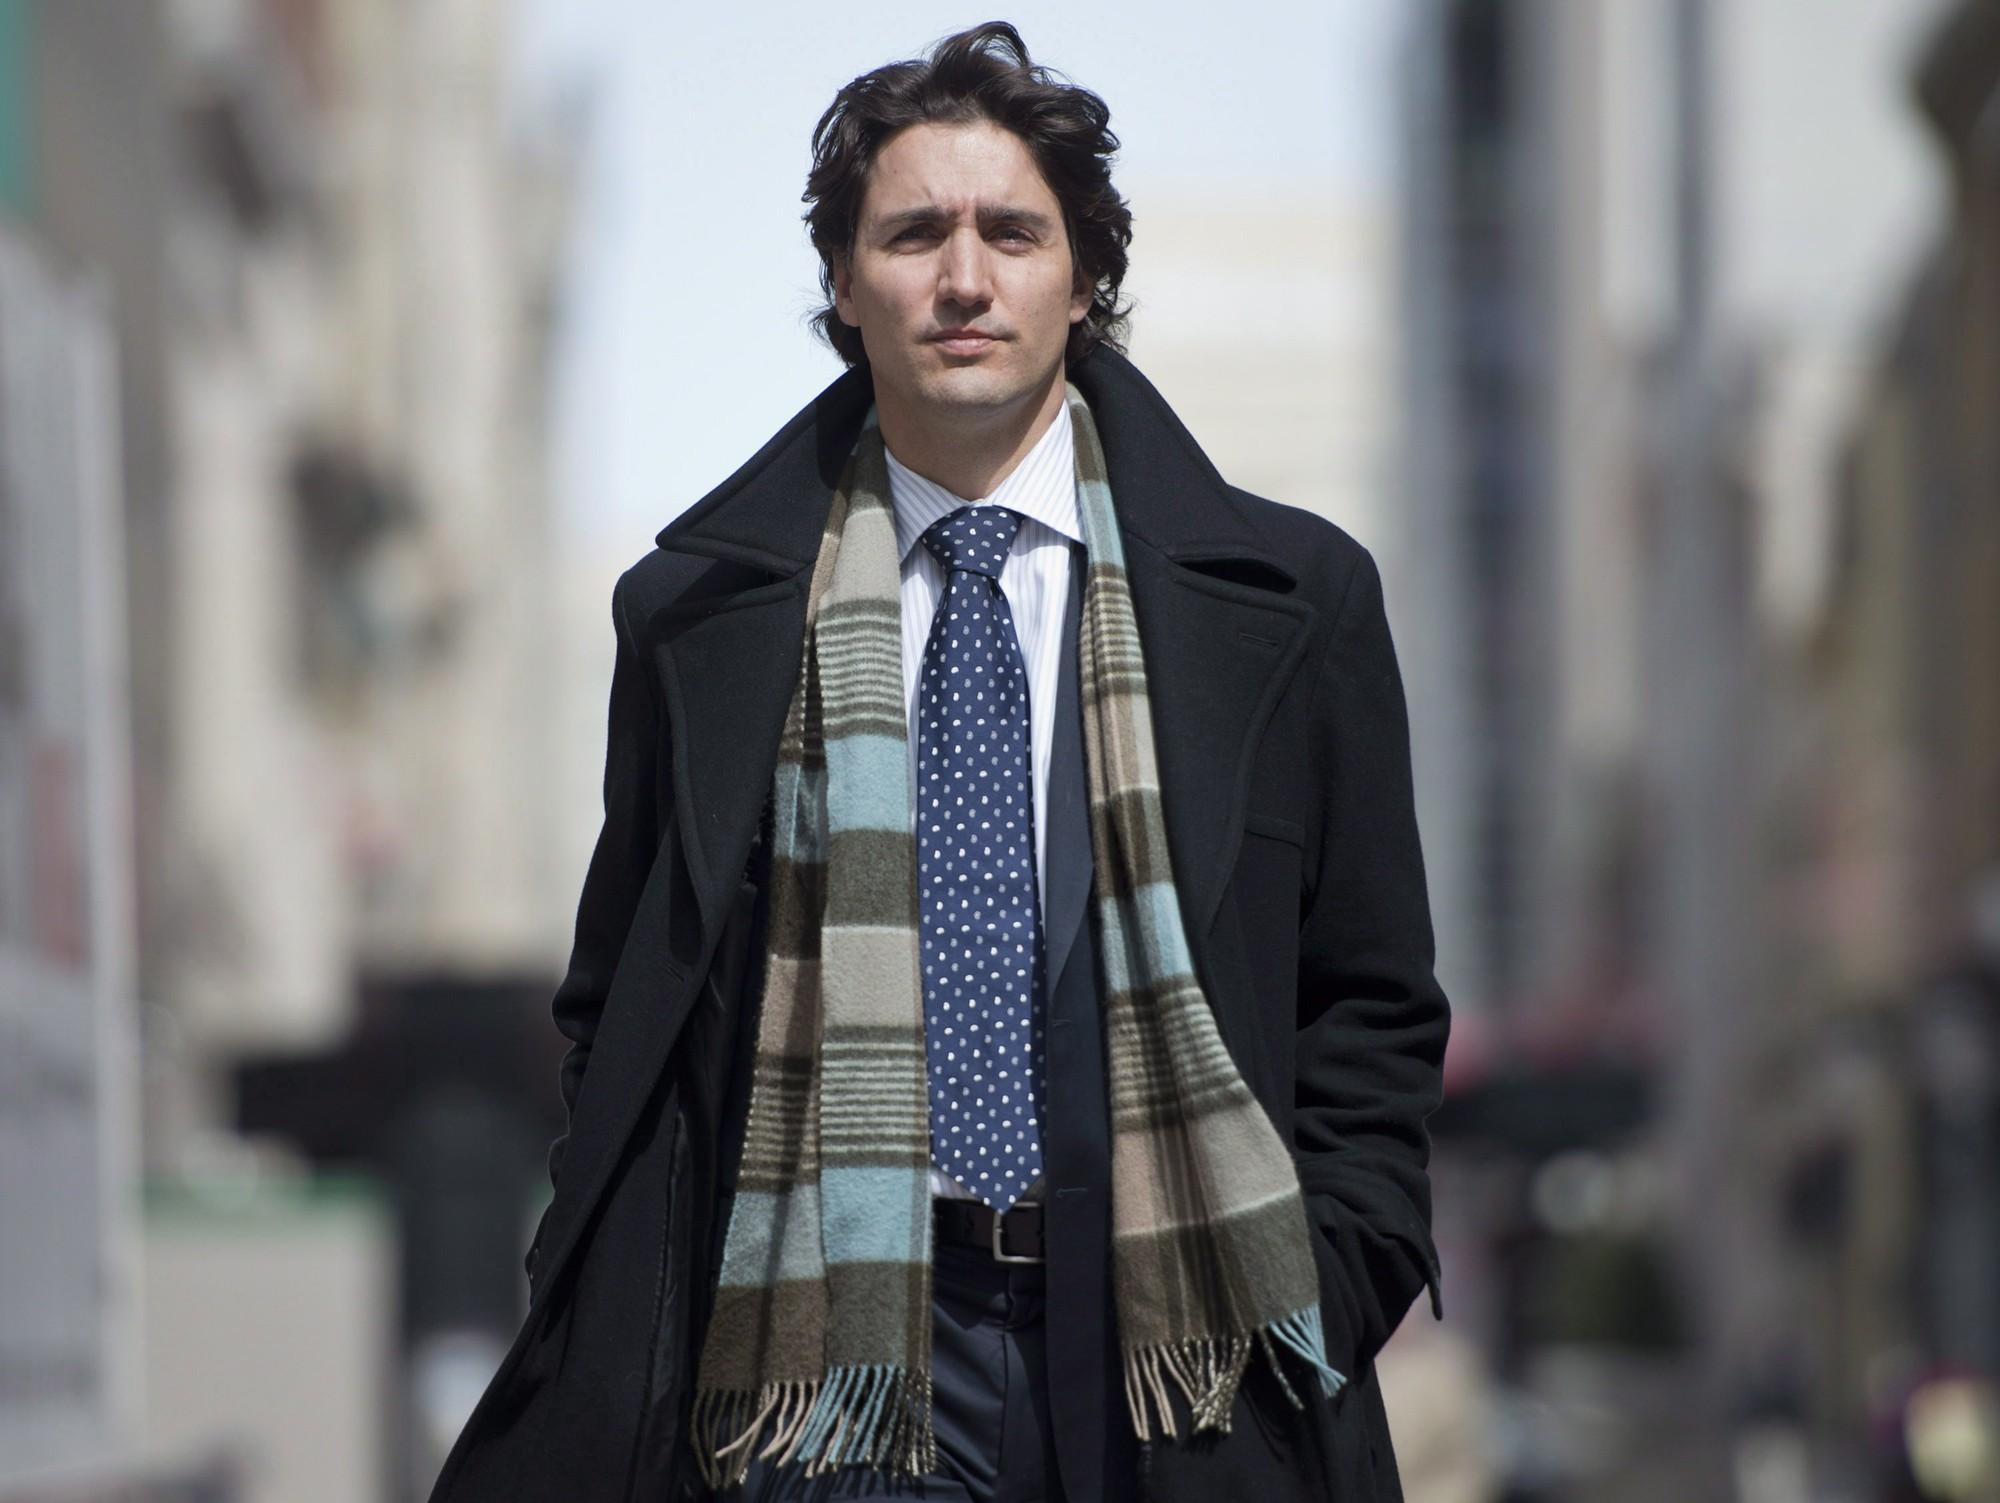 Lý giải sức hút của Thủ tướng Canada Justin Trudeau: đẹp trai, hài hước và ngọt ngào hết sức - Ảnh 3.